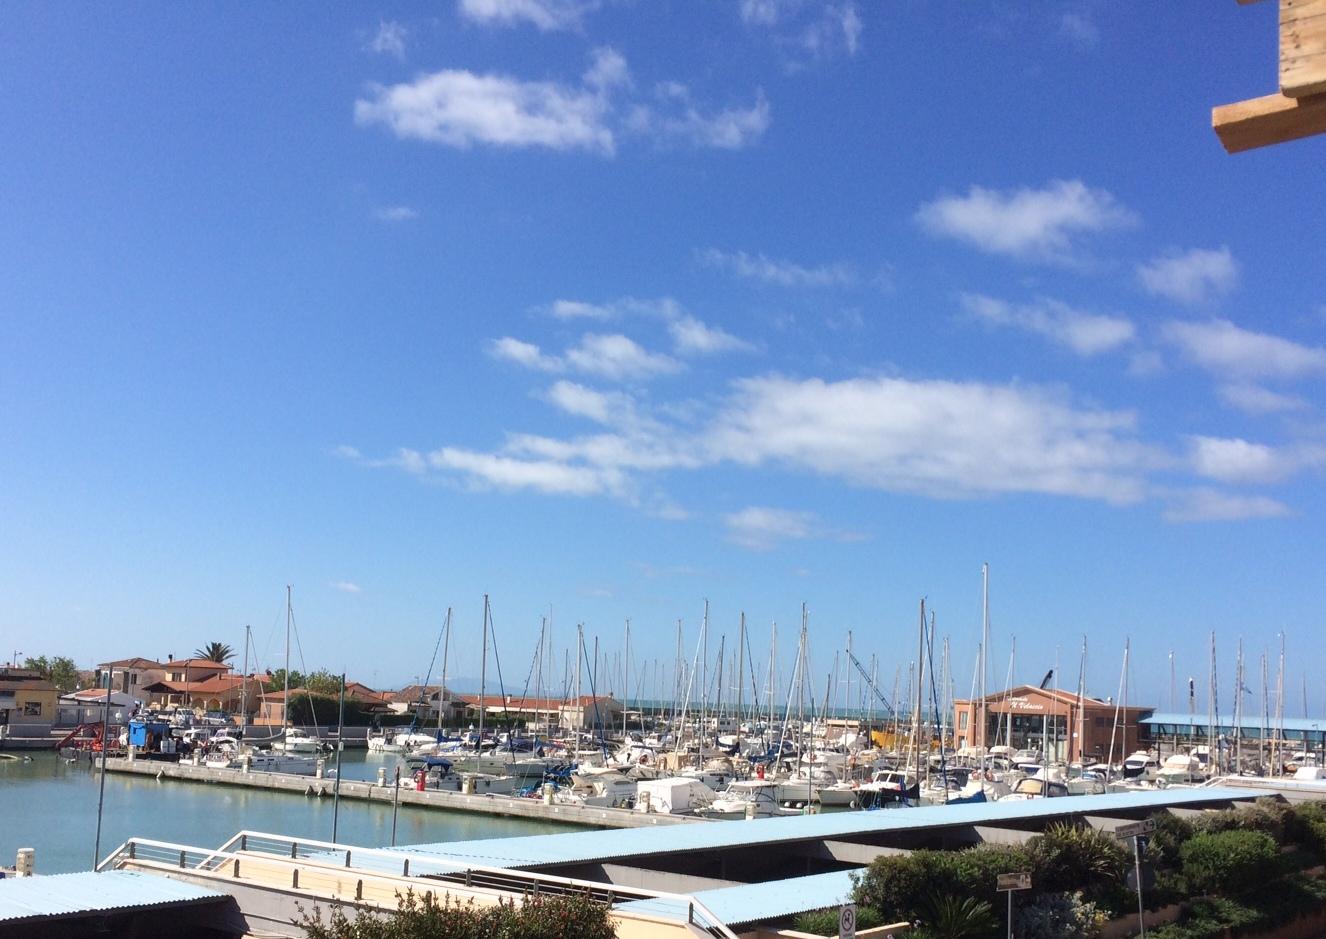 Appartamenti bilocali vicino al mare agenzia immobiliare for Appartamenti barcellona vicino al mare